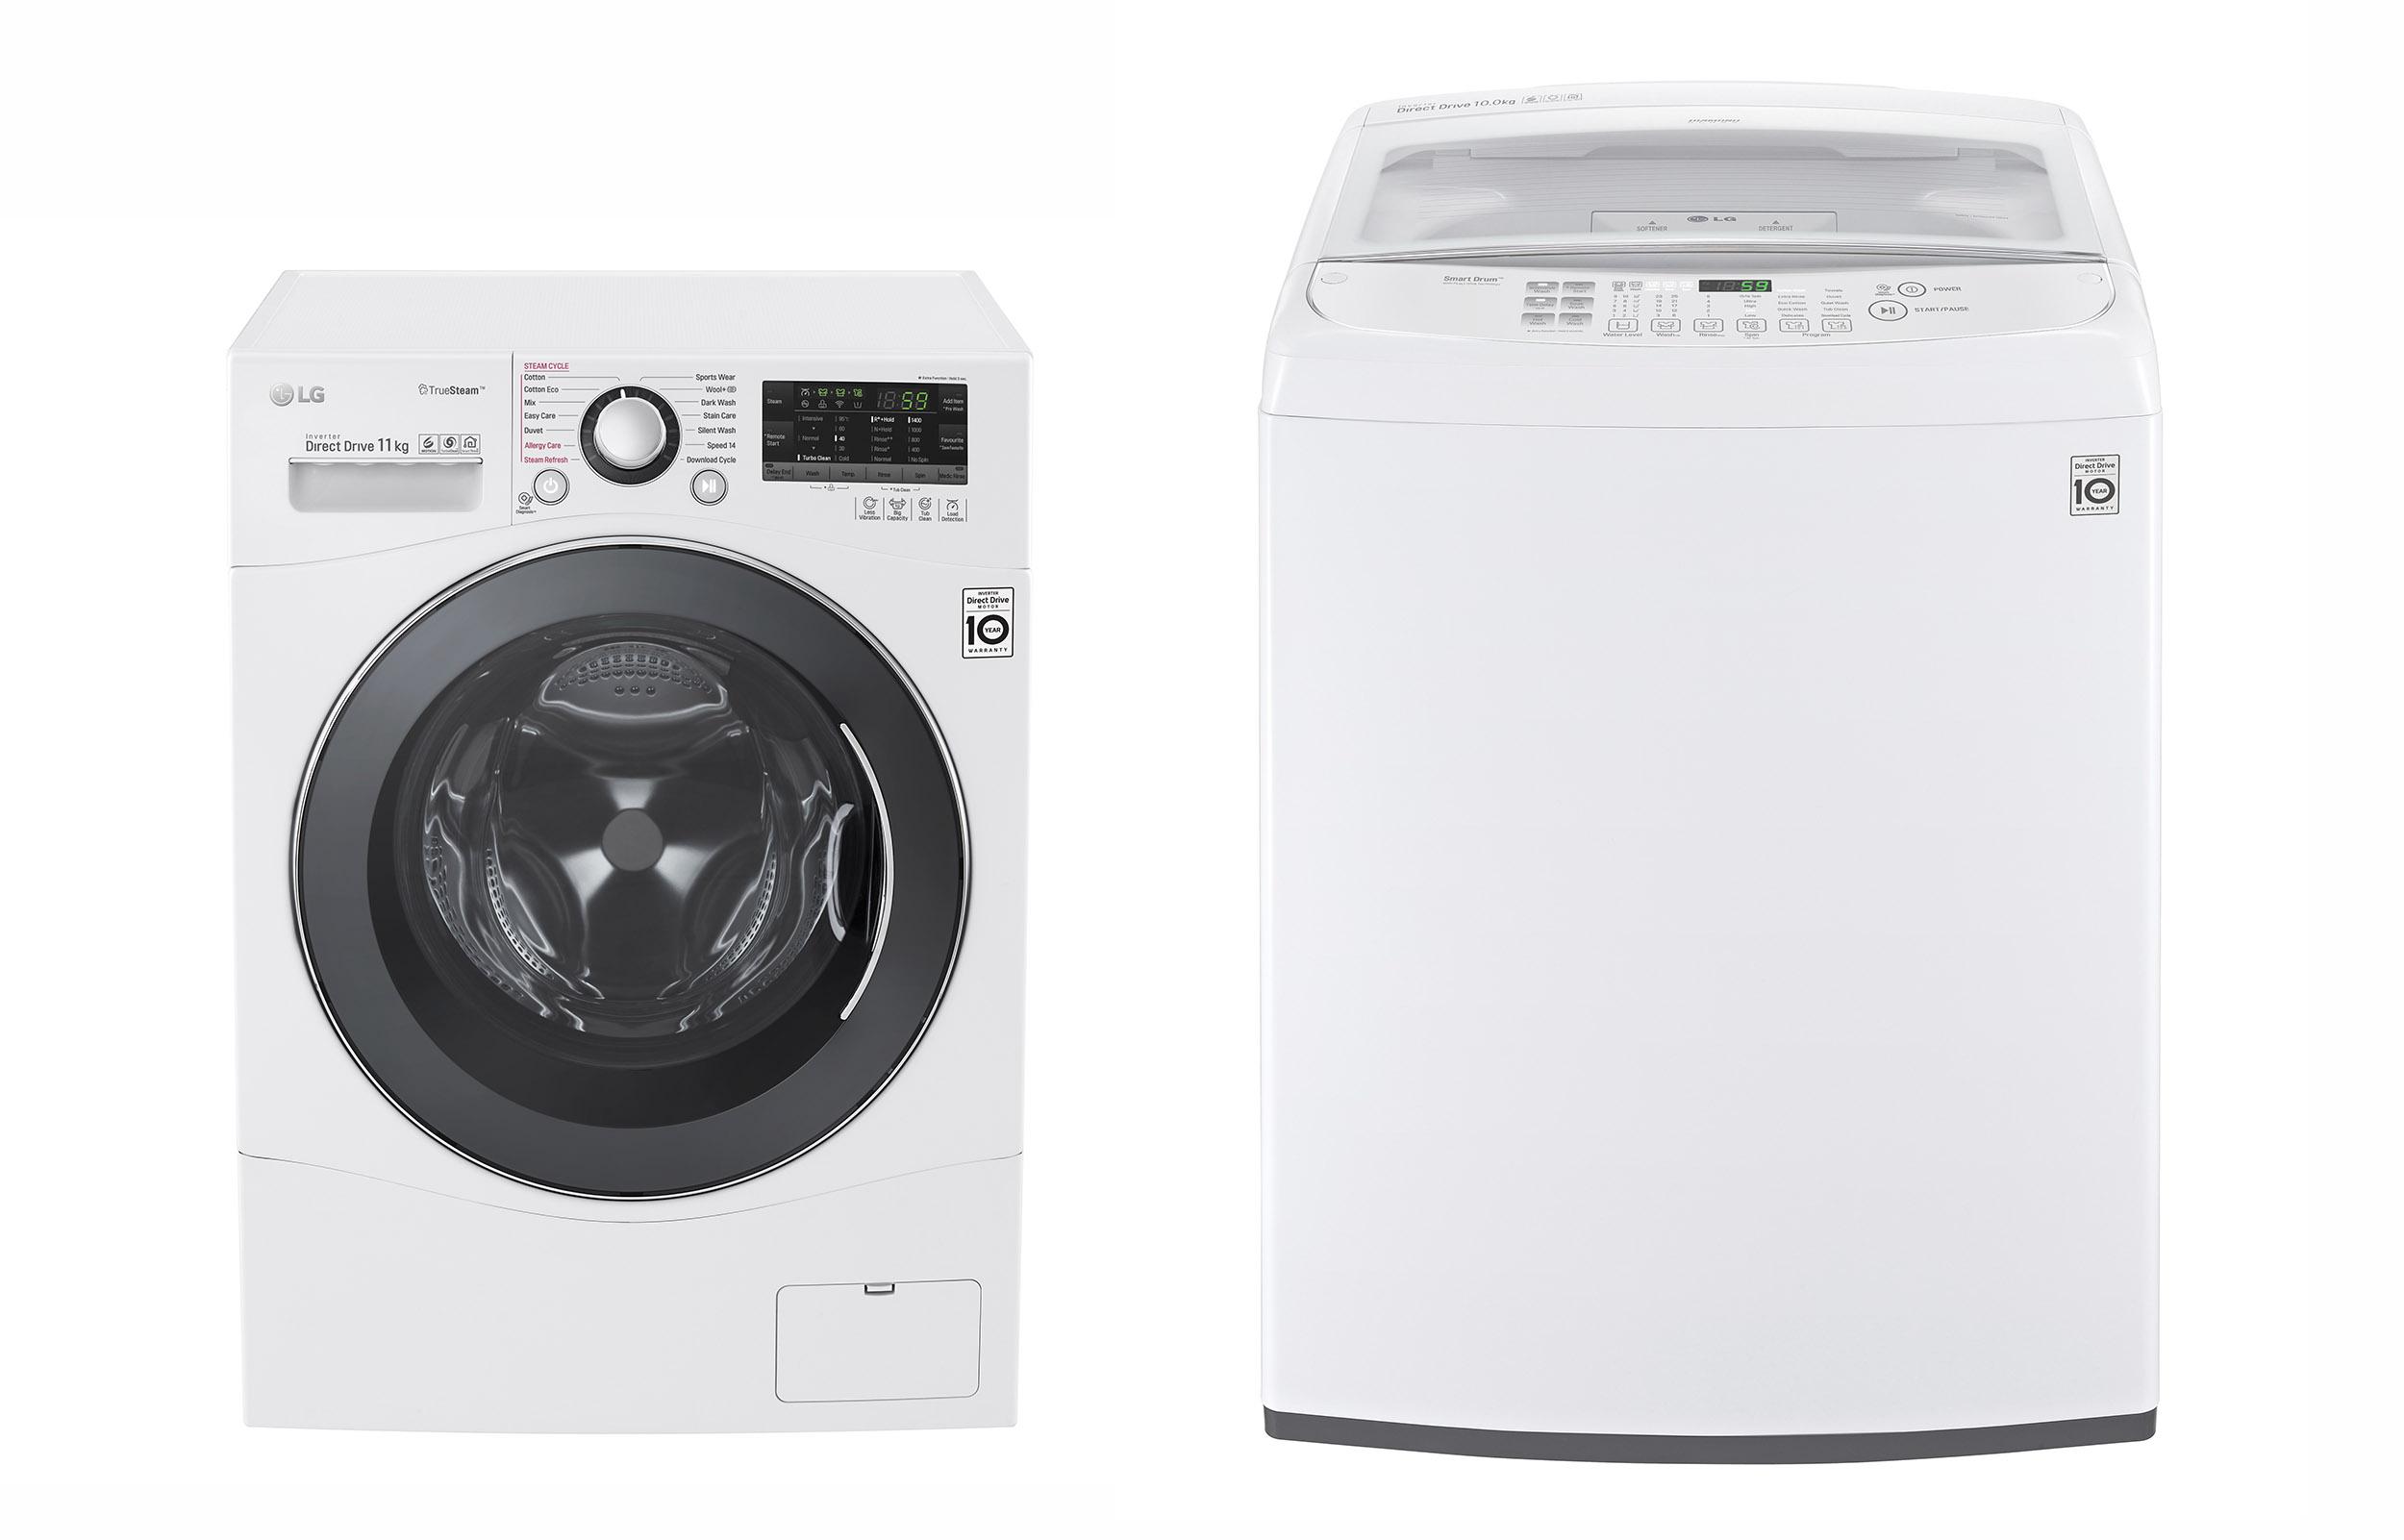 최근 호주 유력 월간 소비자 잡지 '초이스(Choice)'로부터 최고점을 부여 받은 LG전자 드럼세탁기(모델명:WD1411SBW)와 통돌이세탁기(모델명: WTG1032WF)